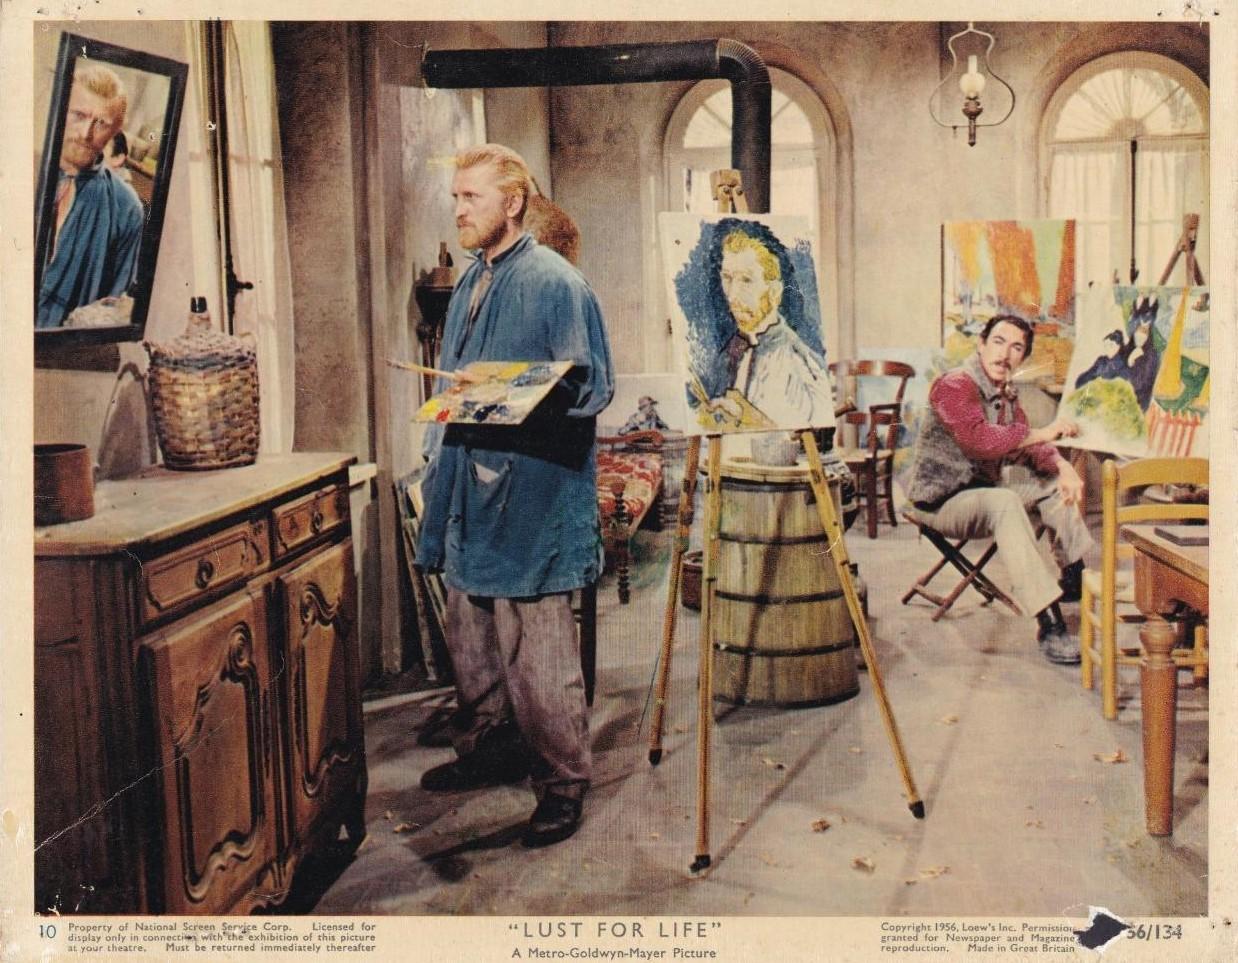 Ντάγκλας και Αντονι Κούιν ως οι δύο φίλοι και ζωγράφοι Βαν Γκογκ και Πολ Γκογκέν, στο «Lust for Life», 1956. Για την ερμηνεία ως τον ιδιοφυή και βασανισμένο καλλιτέχνη, ο Ντάγκλας βραβεύτηκε με Χρυσή Σφαίρα και ήταν υποψήφιος για Οσκαρ